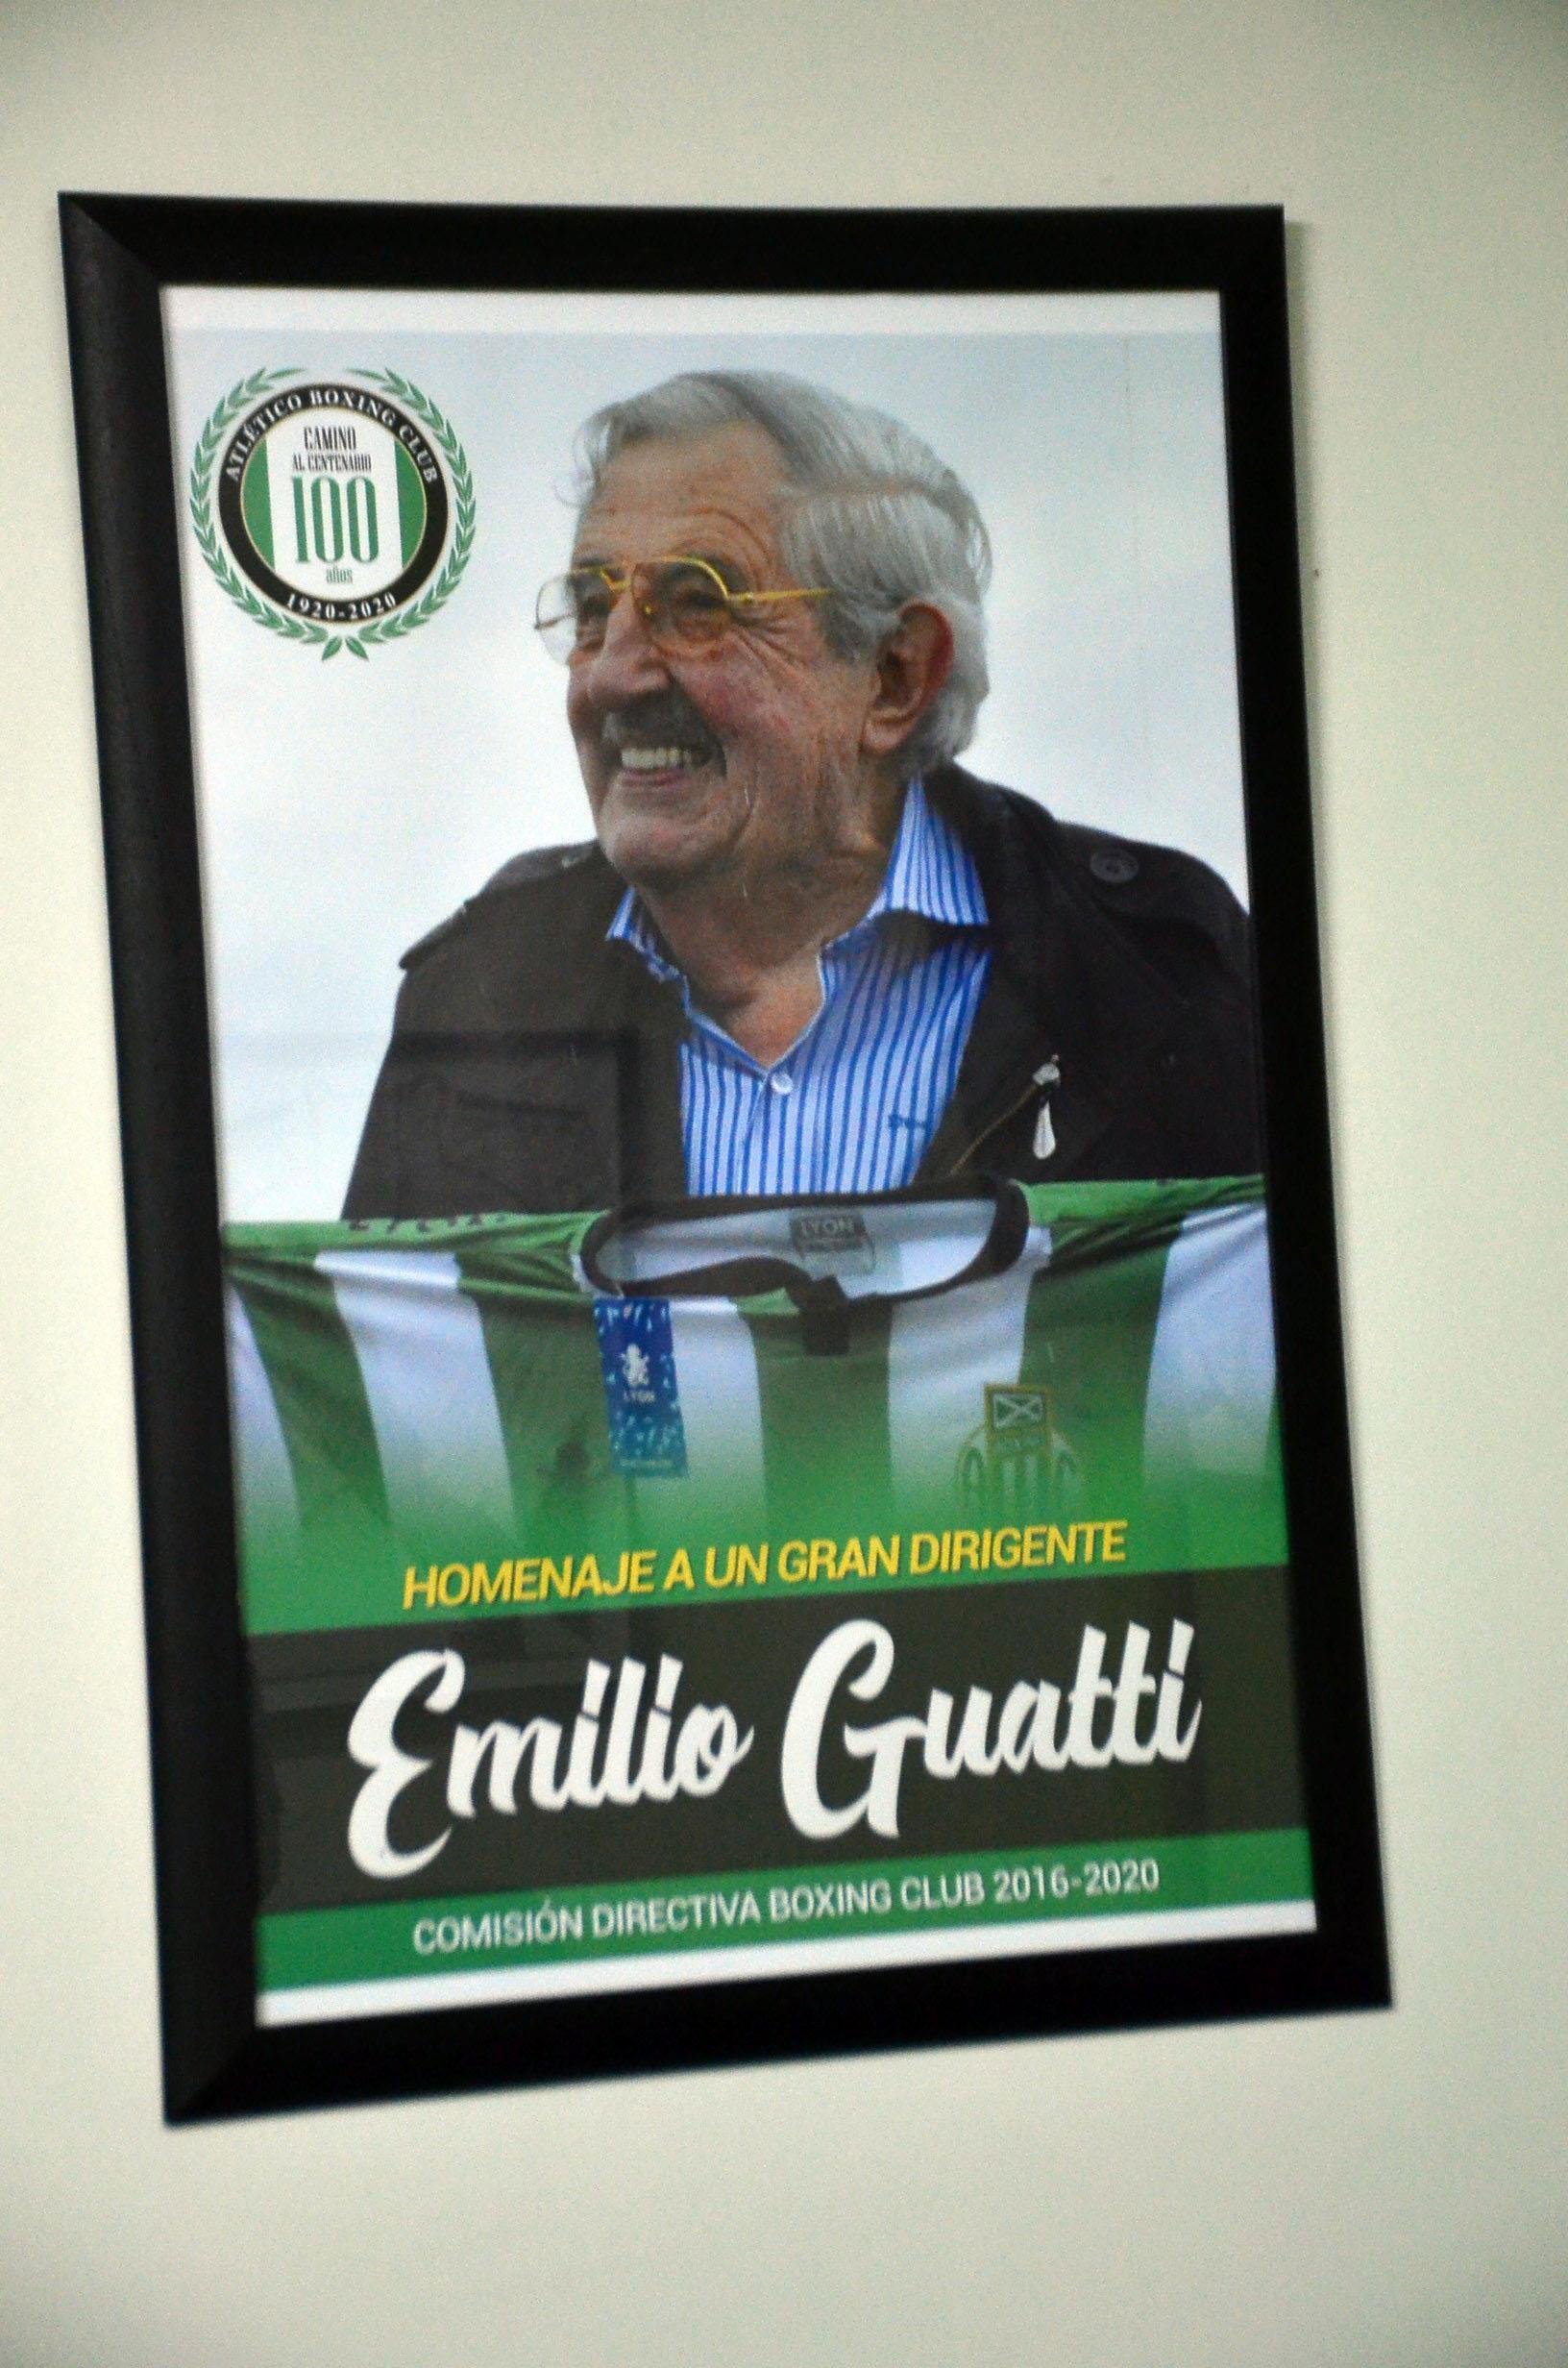 Cuadro de Emilio 'Pichón' Guatti en el salón de la comisión directiva de Boxing Club.